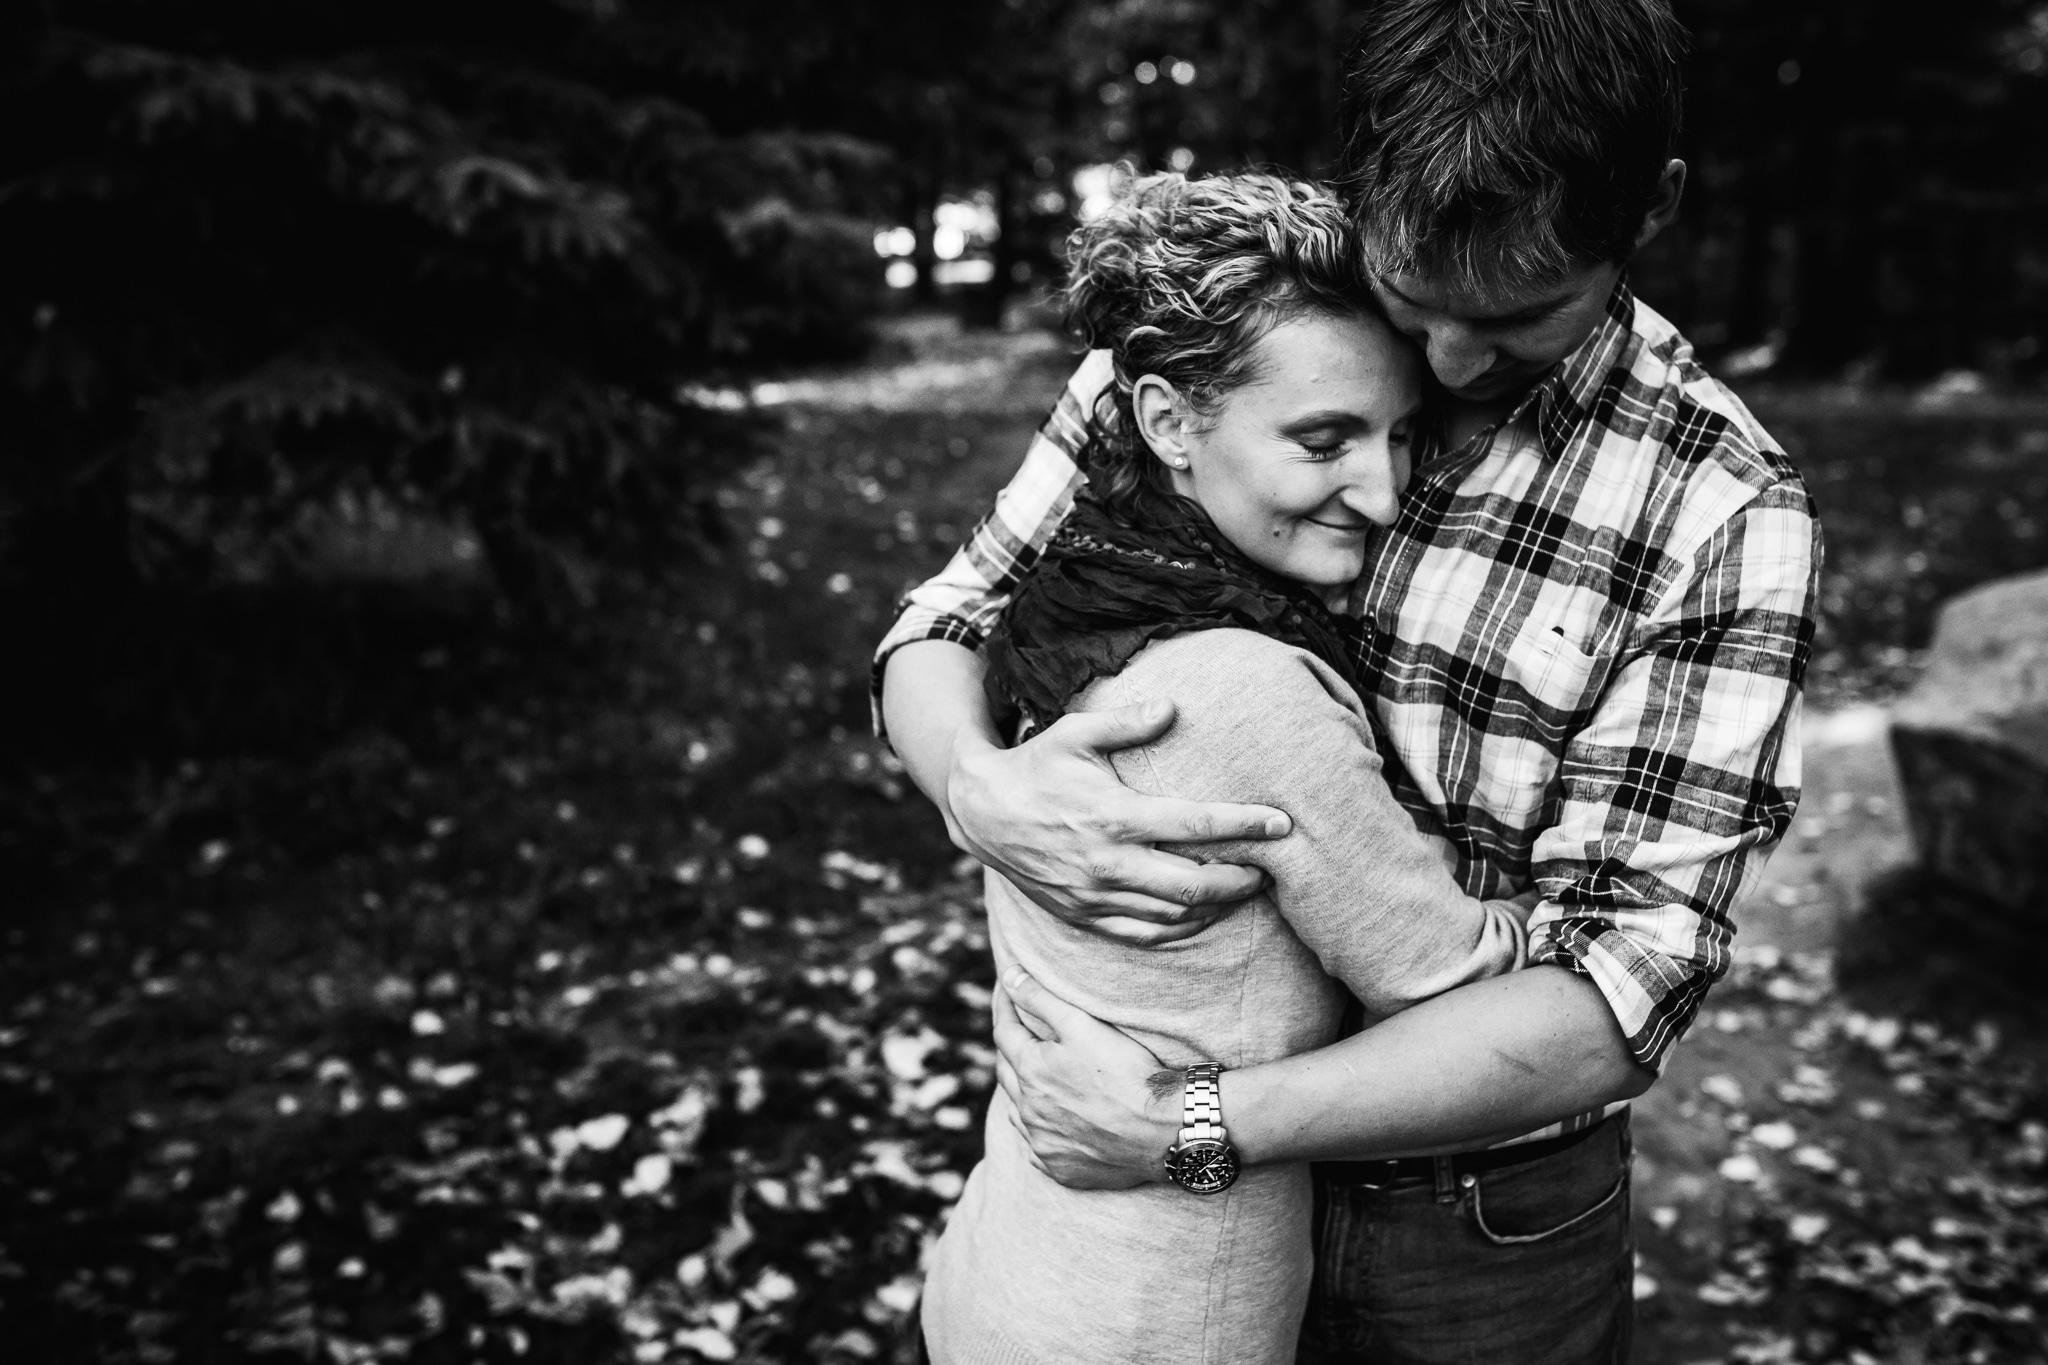 Alina-Joy-Photography-Cold-Lake-Lifestyle-Photographer-167.jpg